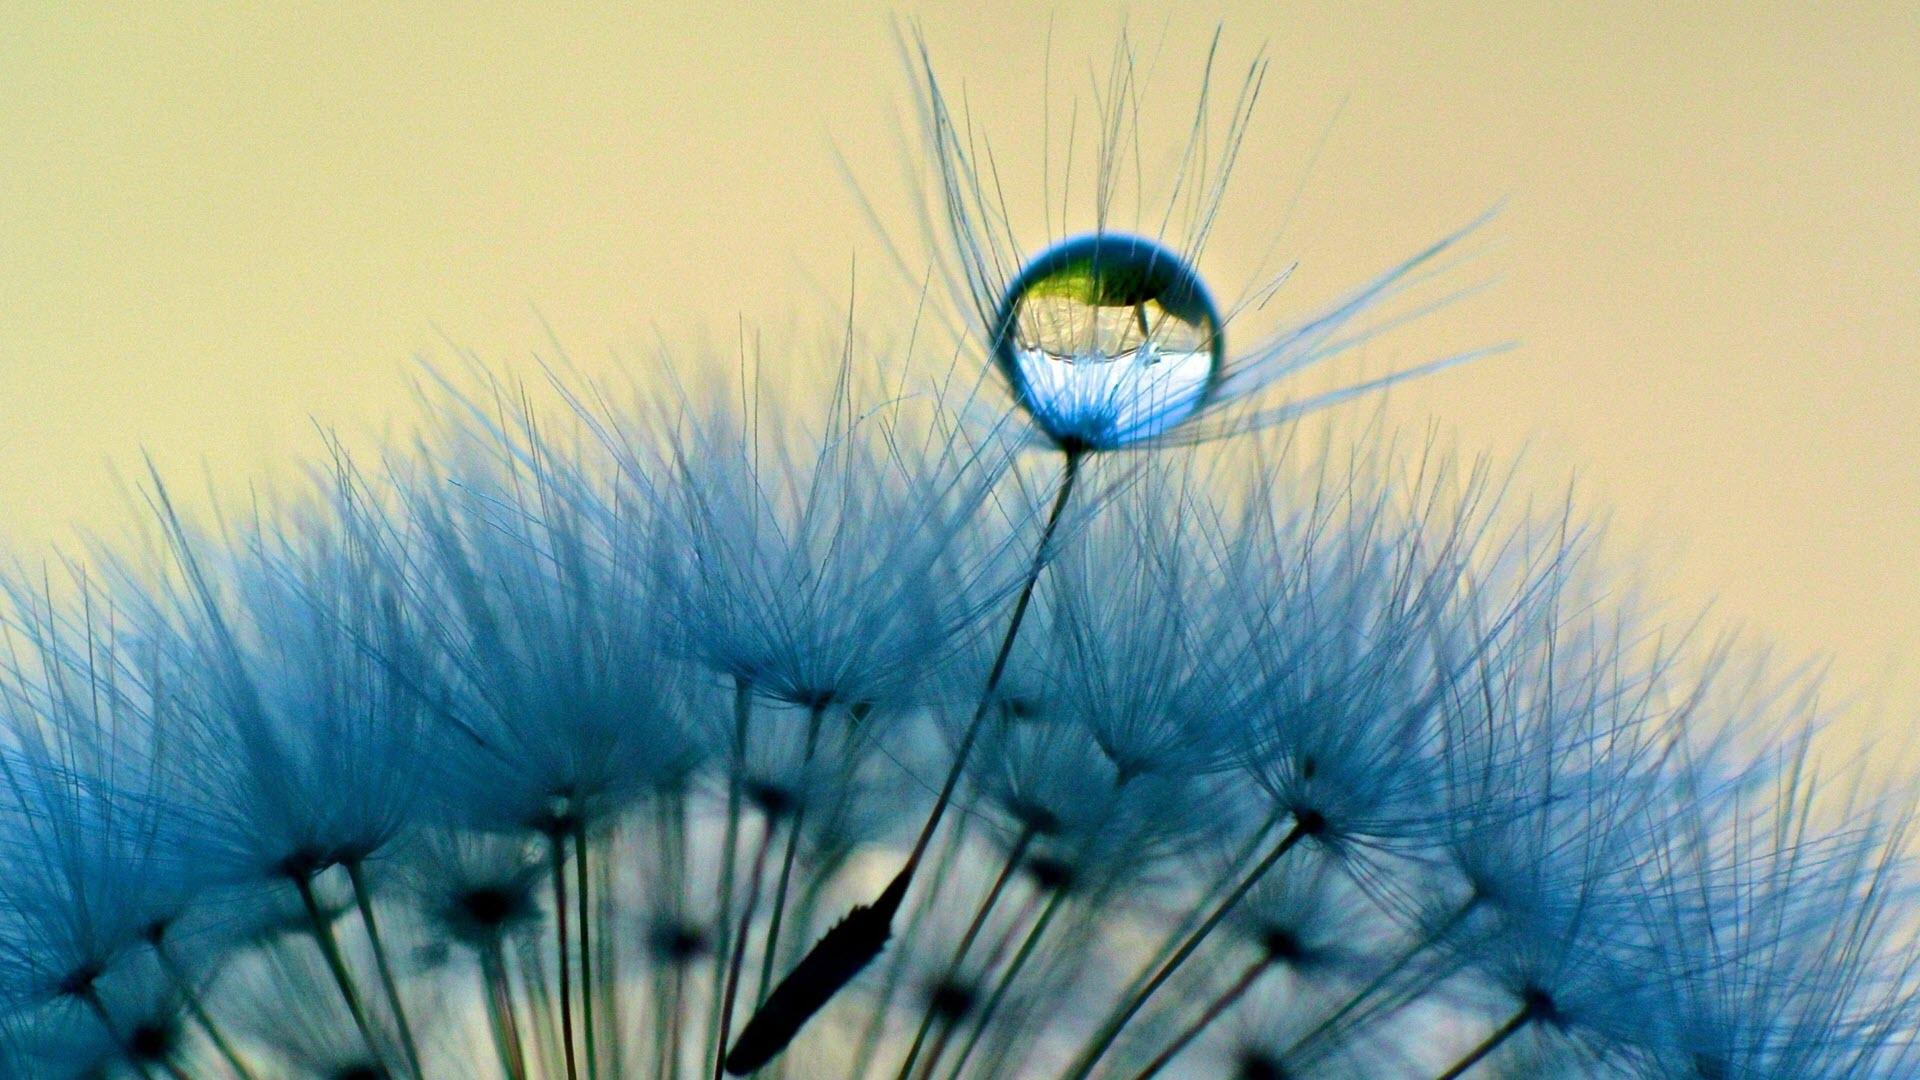 Hình nền hoa bồ công anh và giọt sương